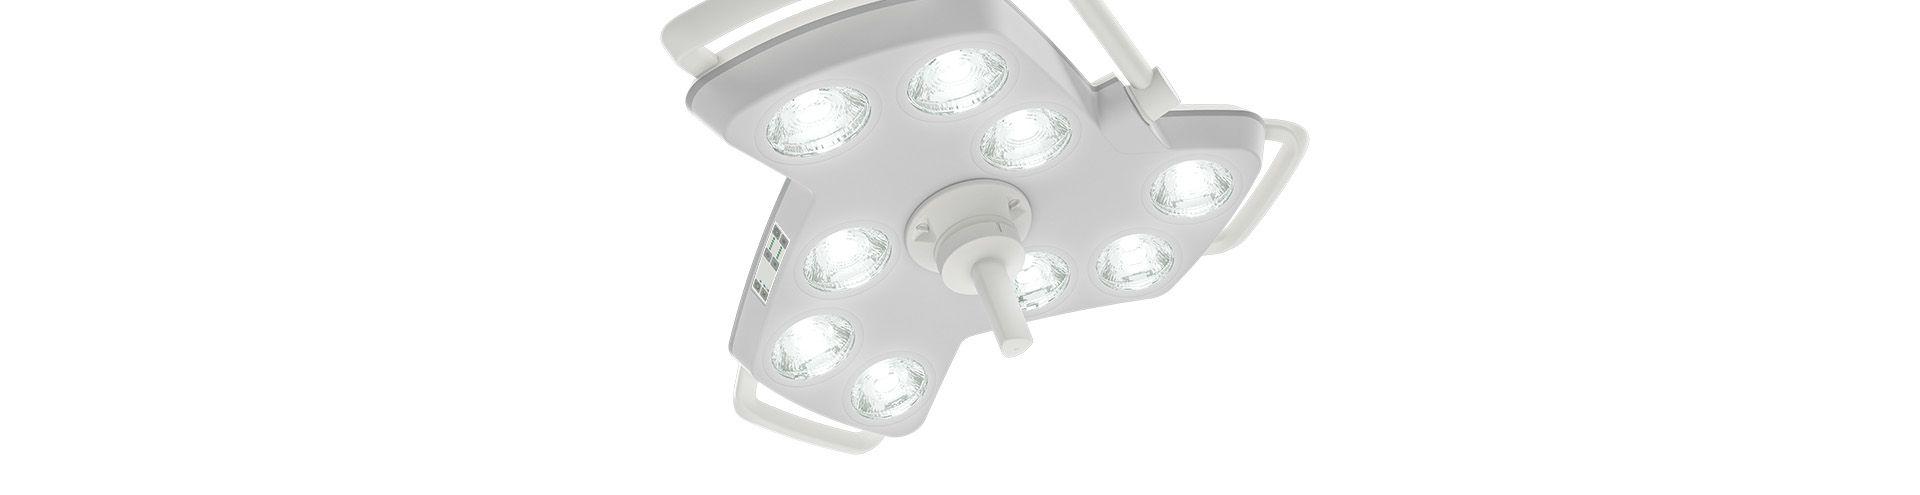 Lámparas de quirófano serie marLED® E